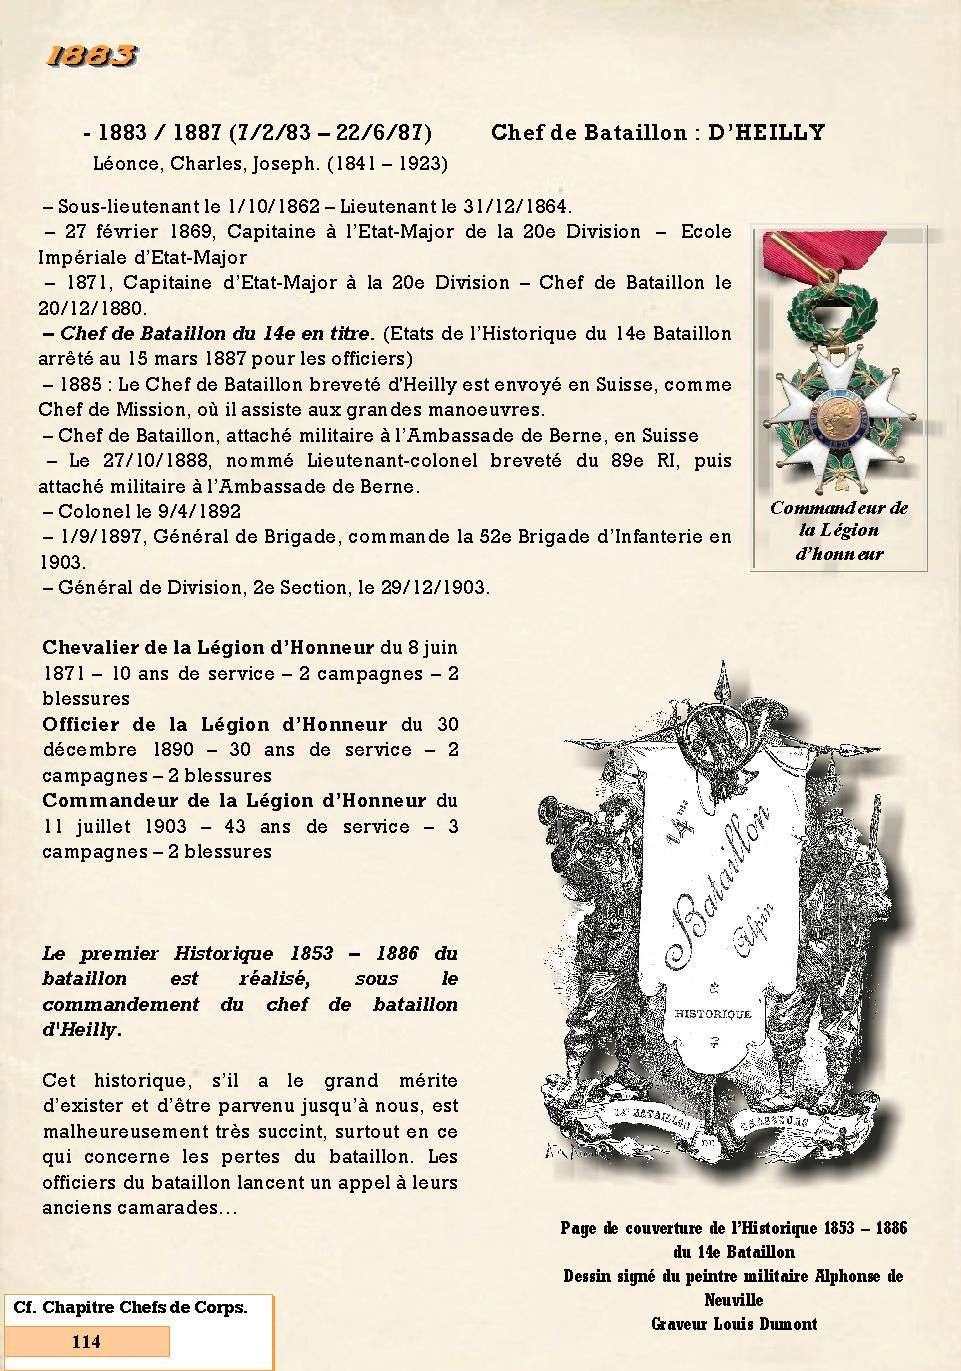 L'Historique du 14e Bataillon de Chasseurs. 1854 - 1962 Page_140